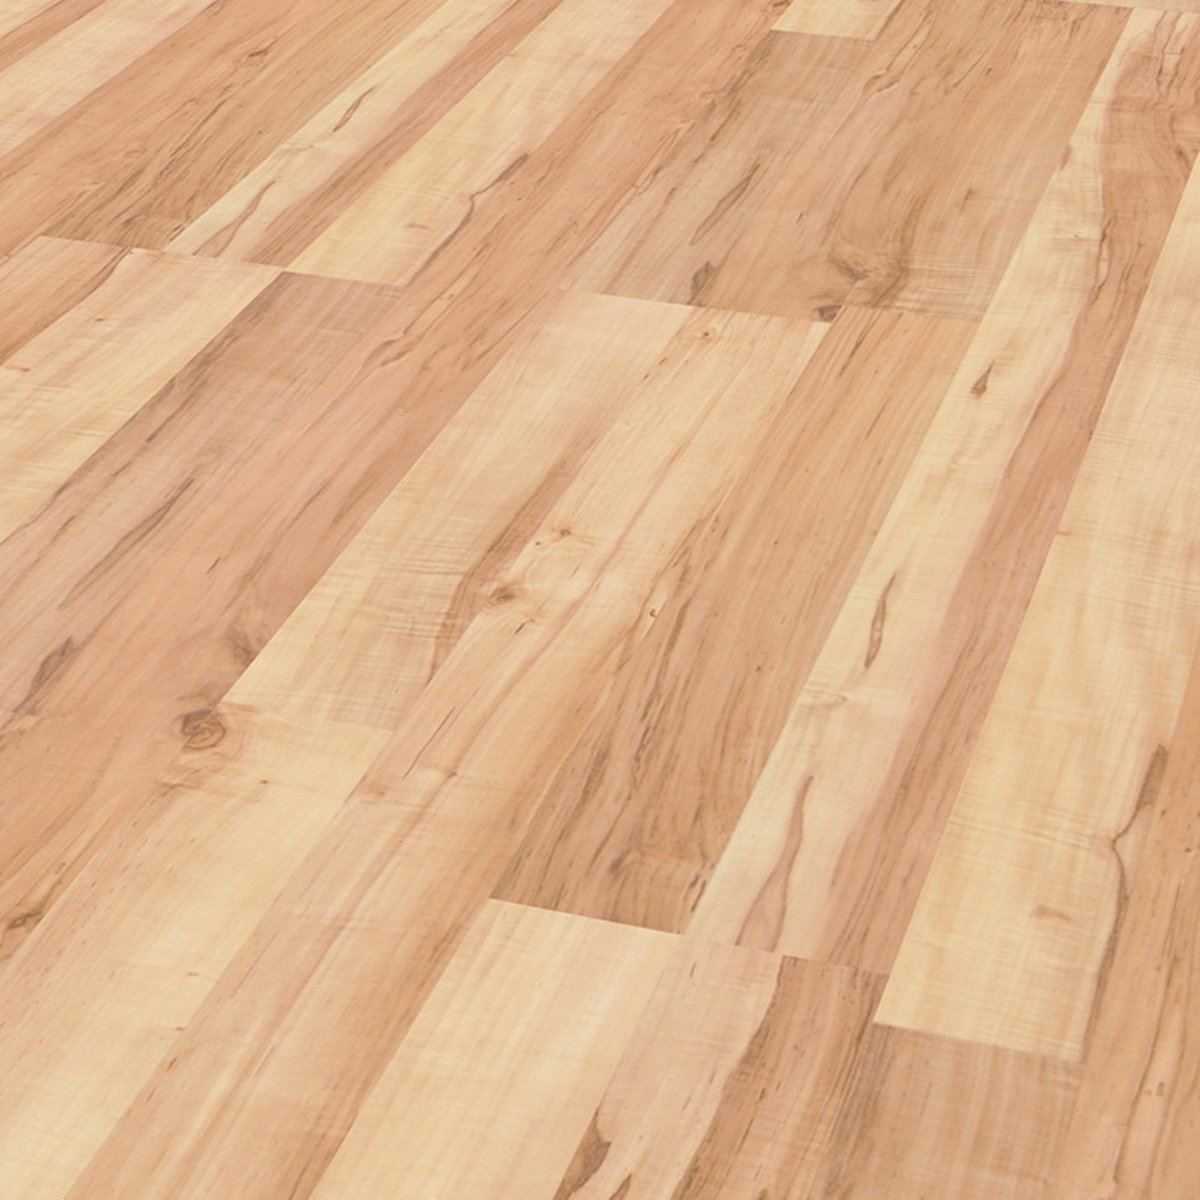 bodenbelag küche vinyl poco | häusliche verbesserung vinylboden